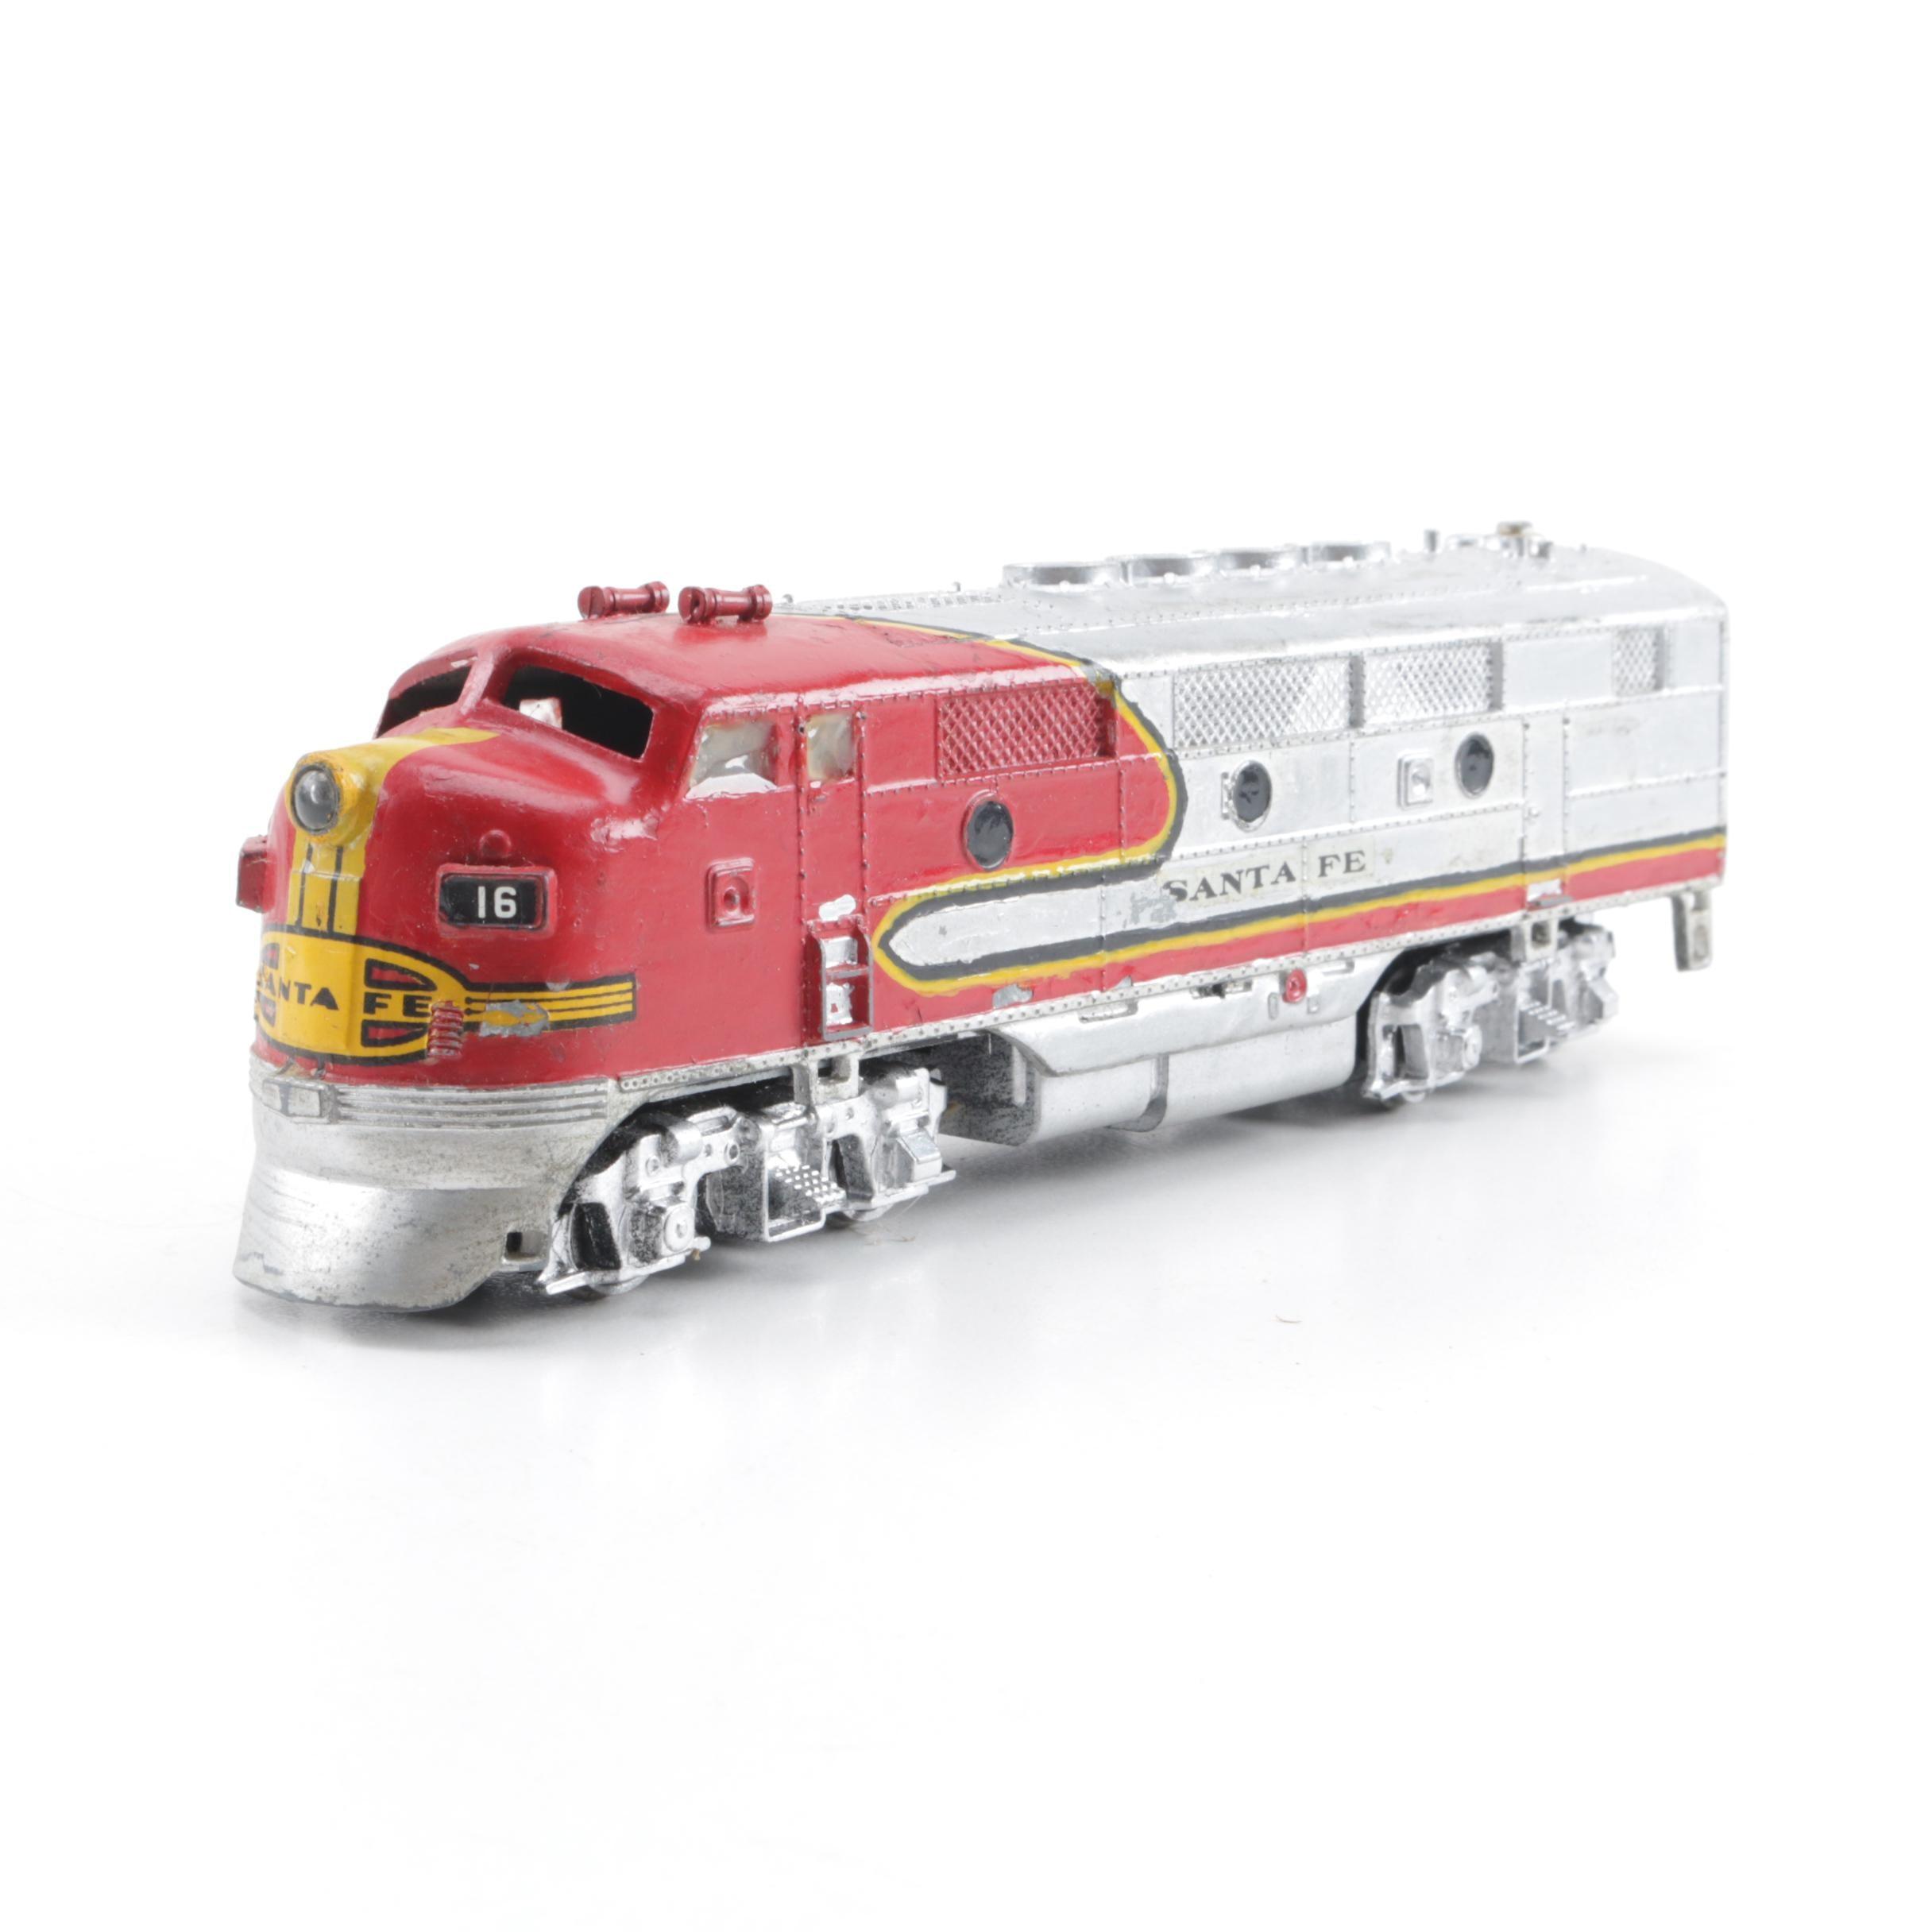 Varney Santa-Fe Diesel Engine